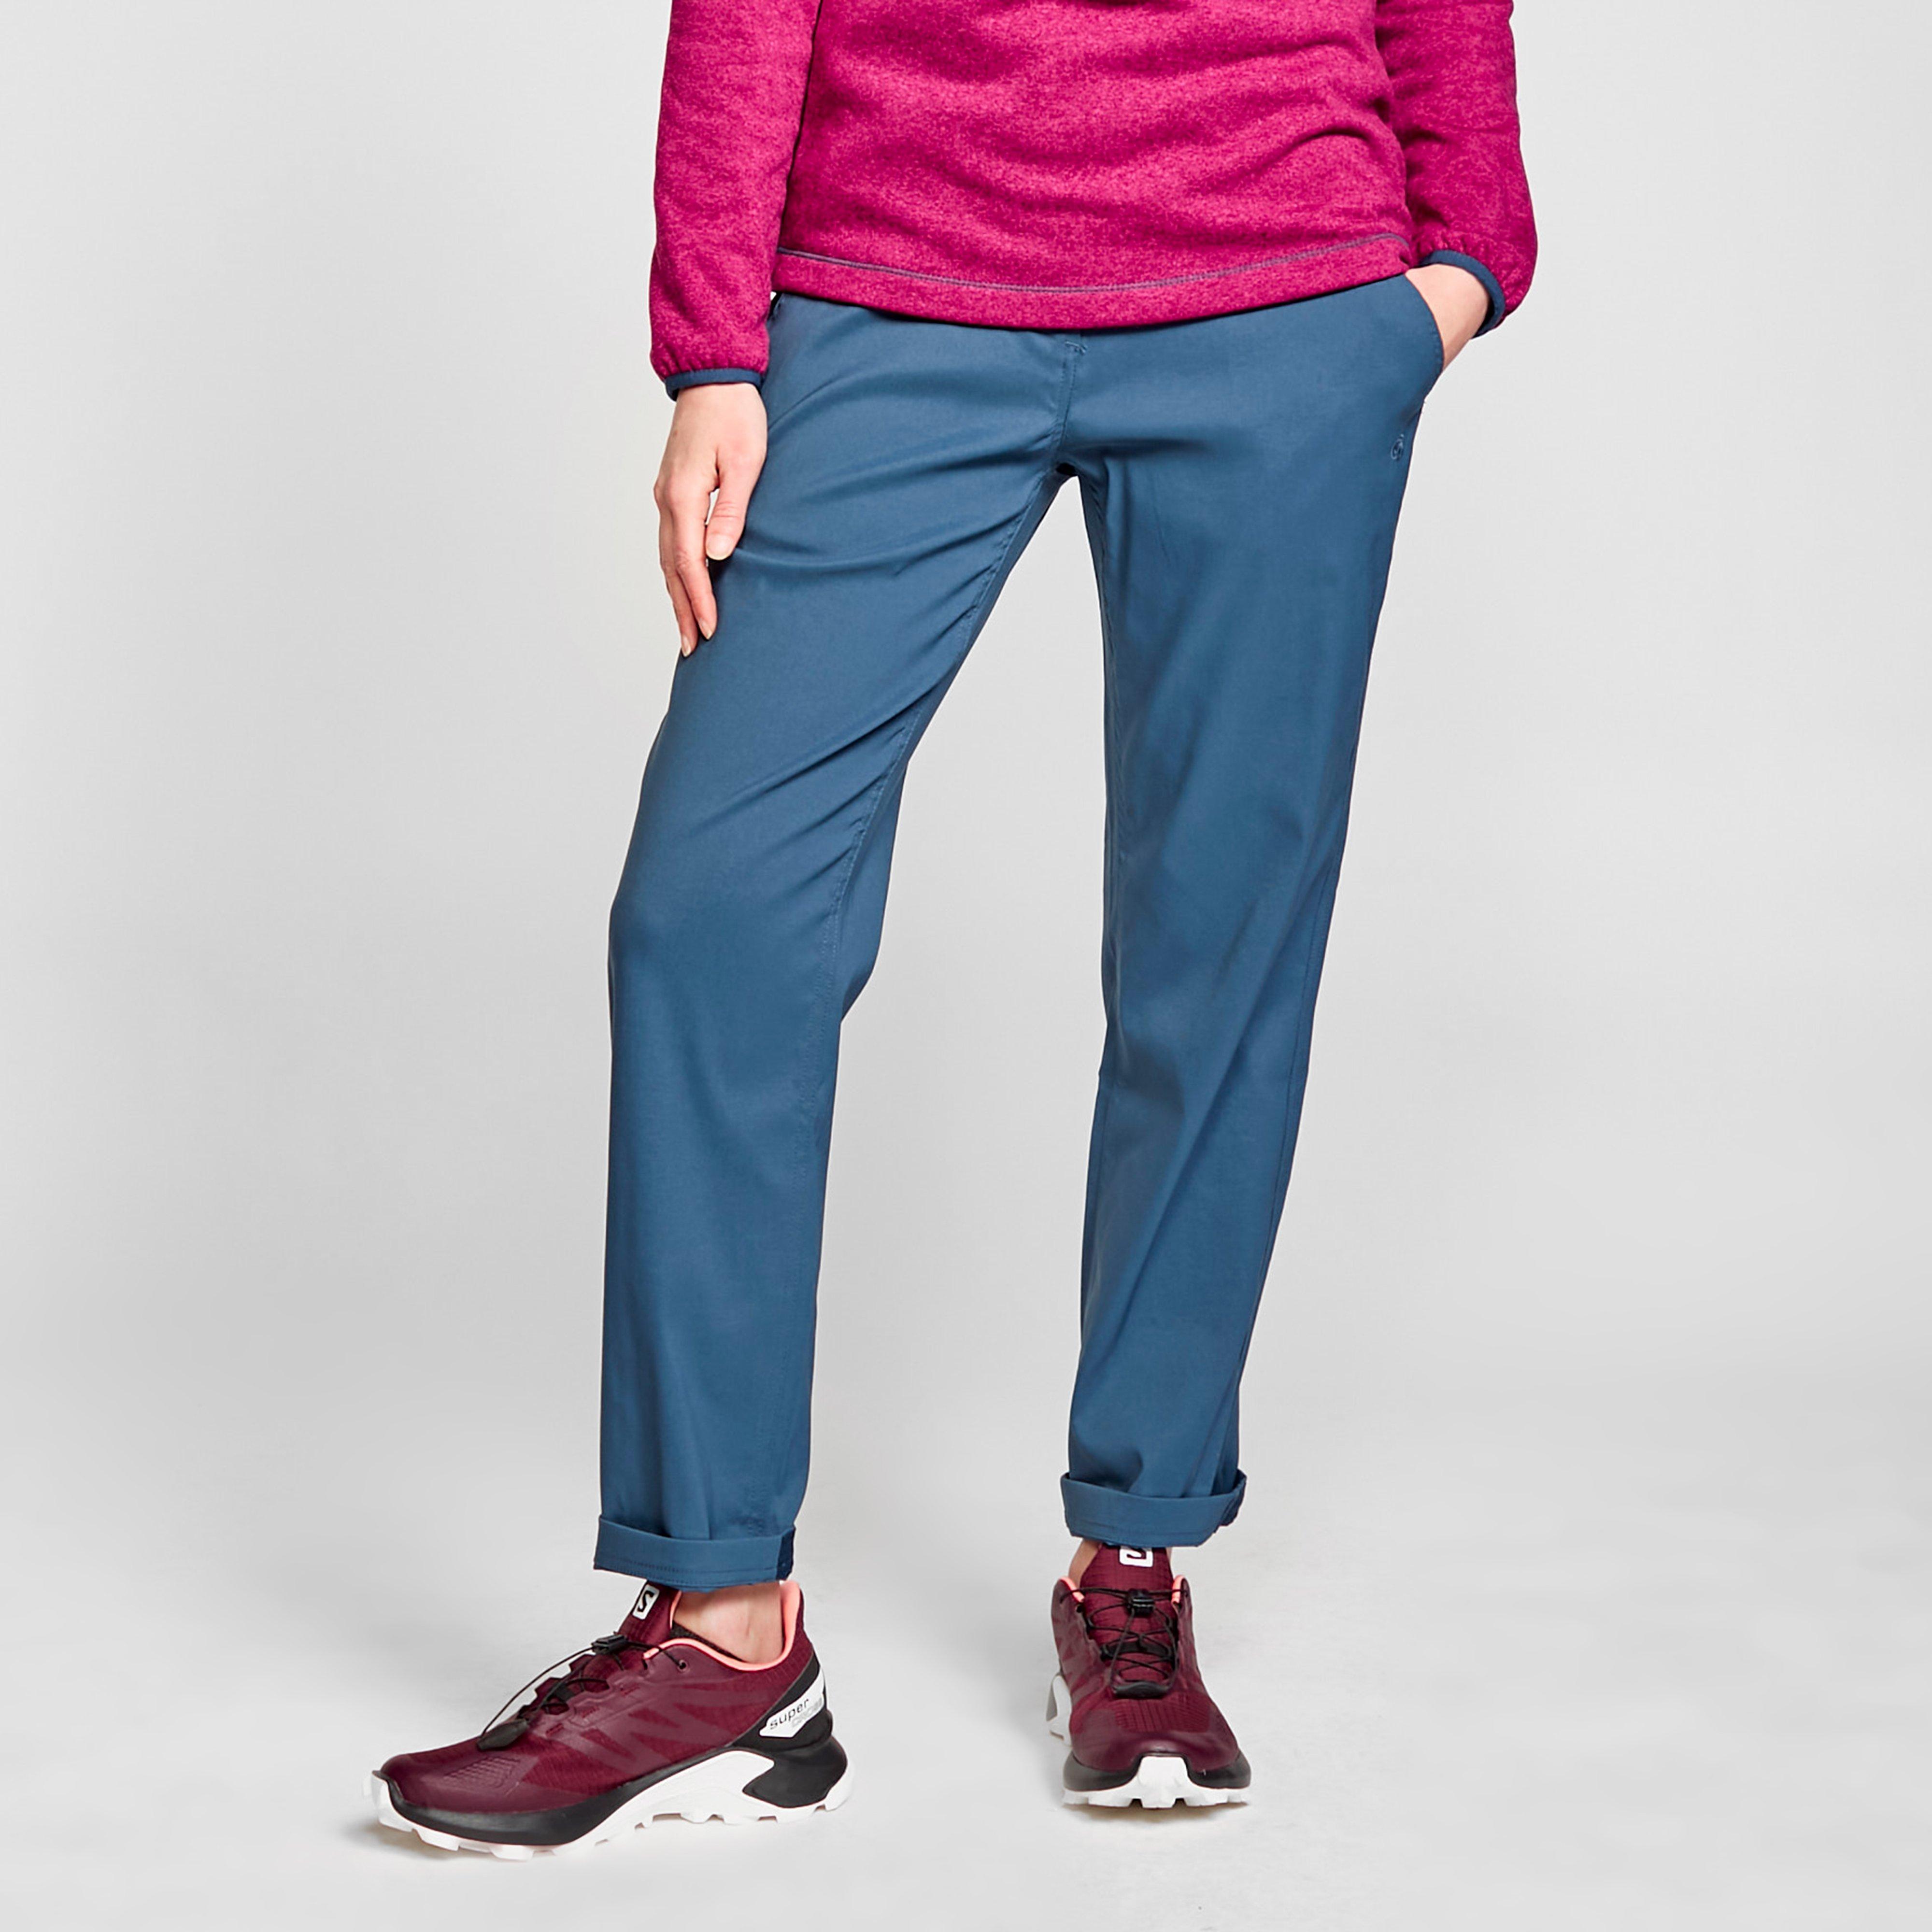 Craghoppers Women's Kiwi Pro Stretch Trousers (Short) - Blue, Blue